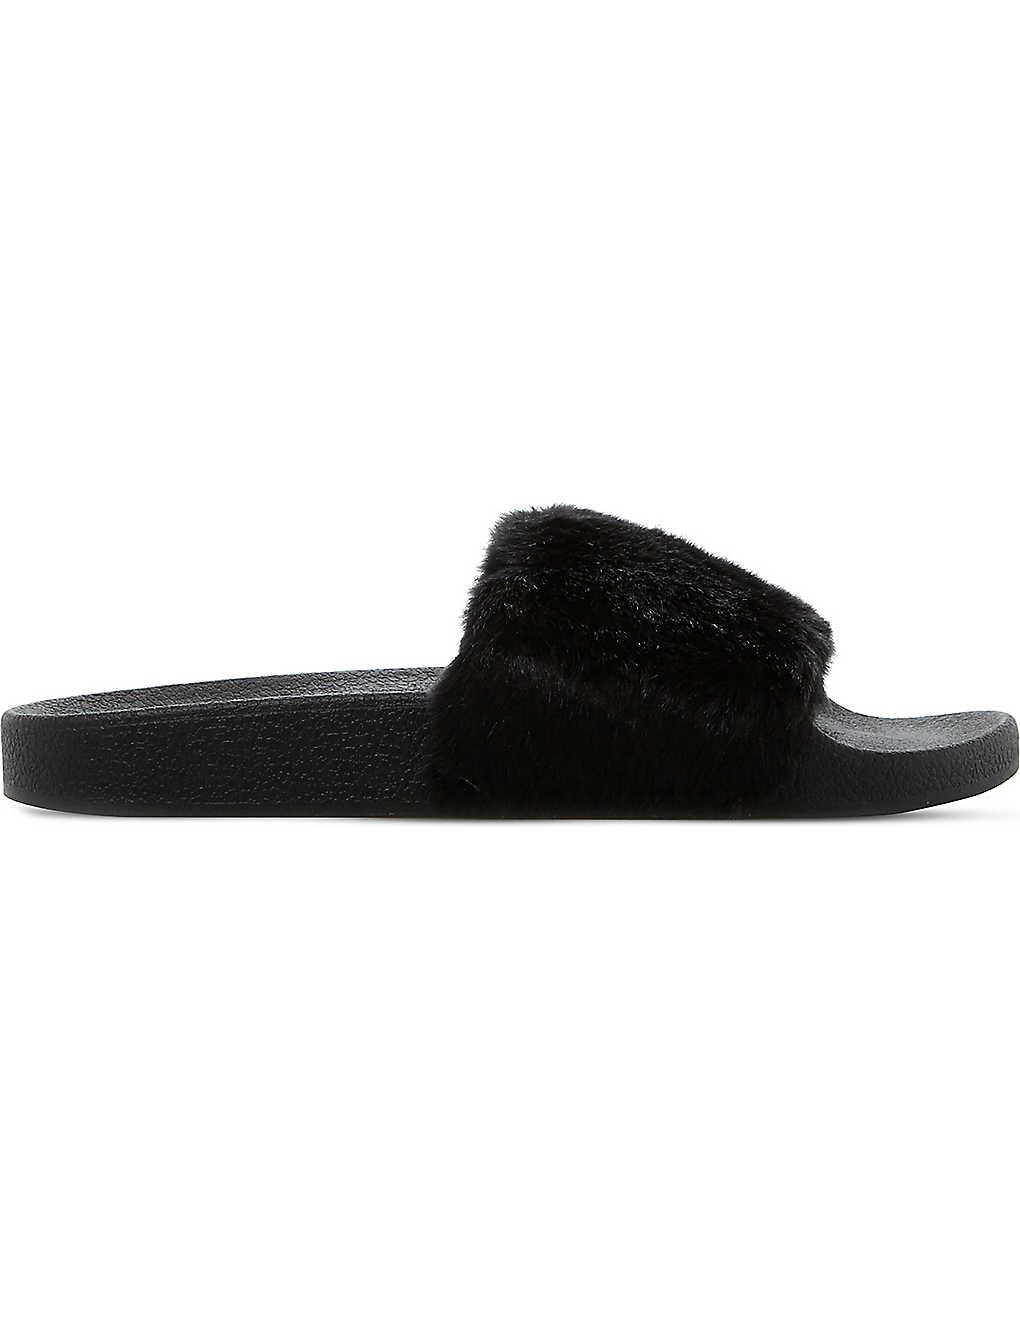 486a510c922 STEVE MADDEN - Softey faux-fur slide sandals | Selfridges.com